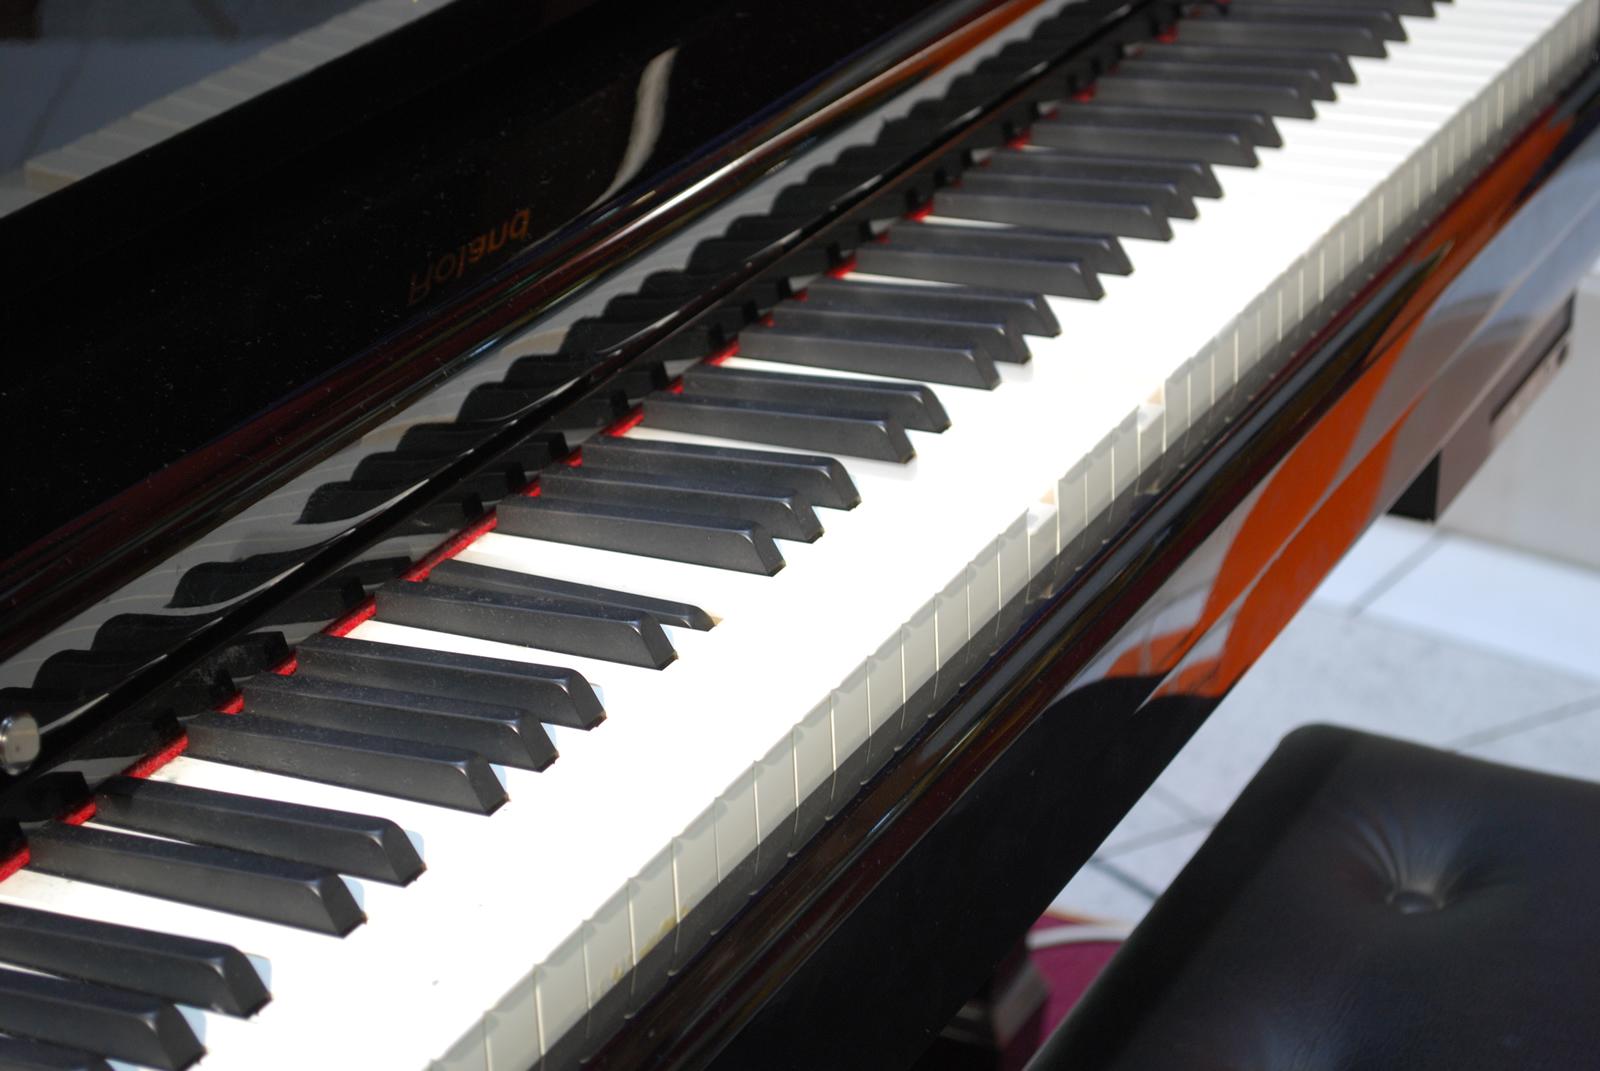 BGM・効果音音楽素材「オーディオストック」に作品を登録しました